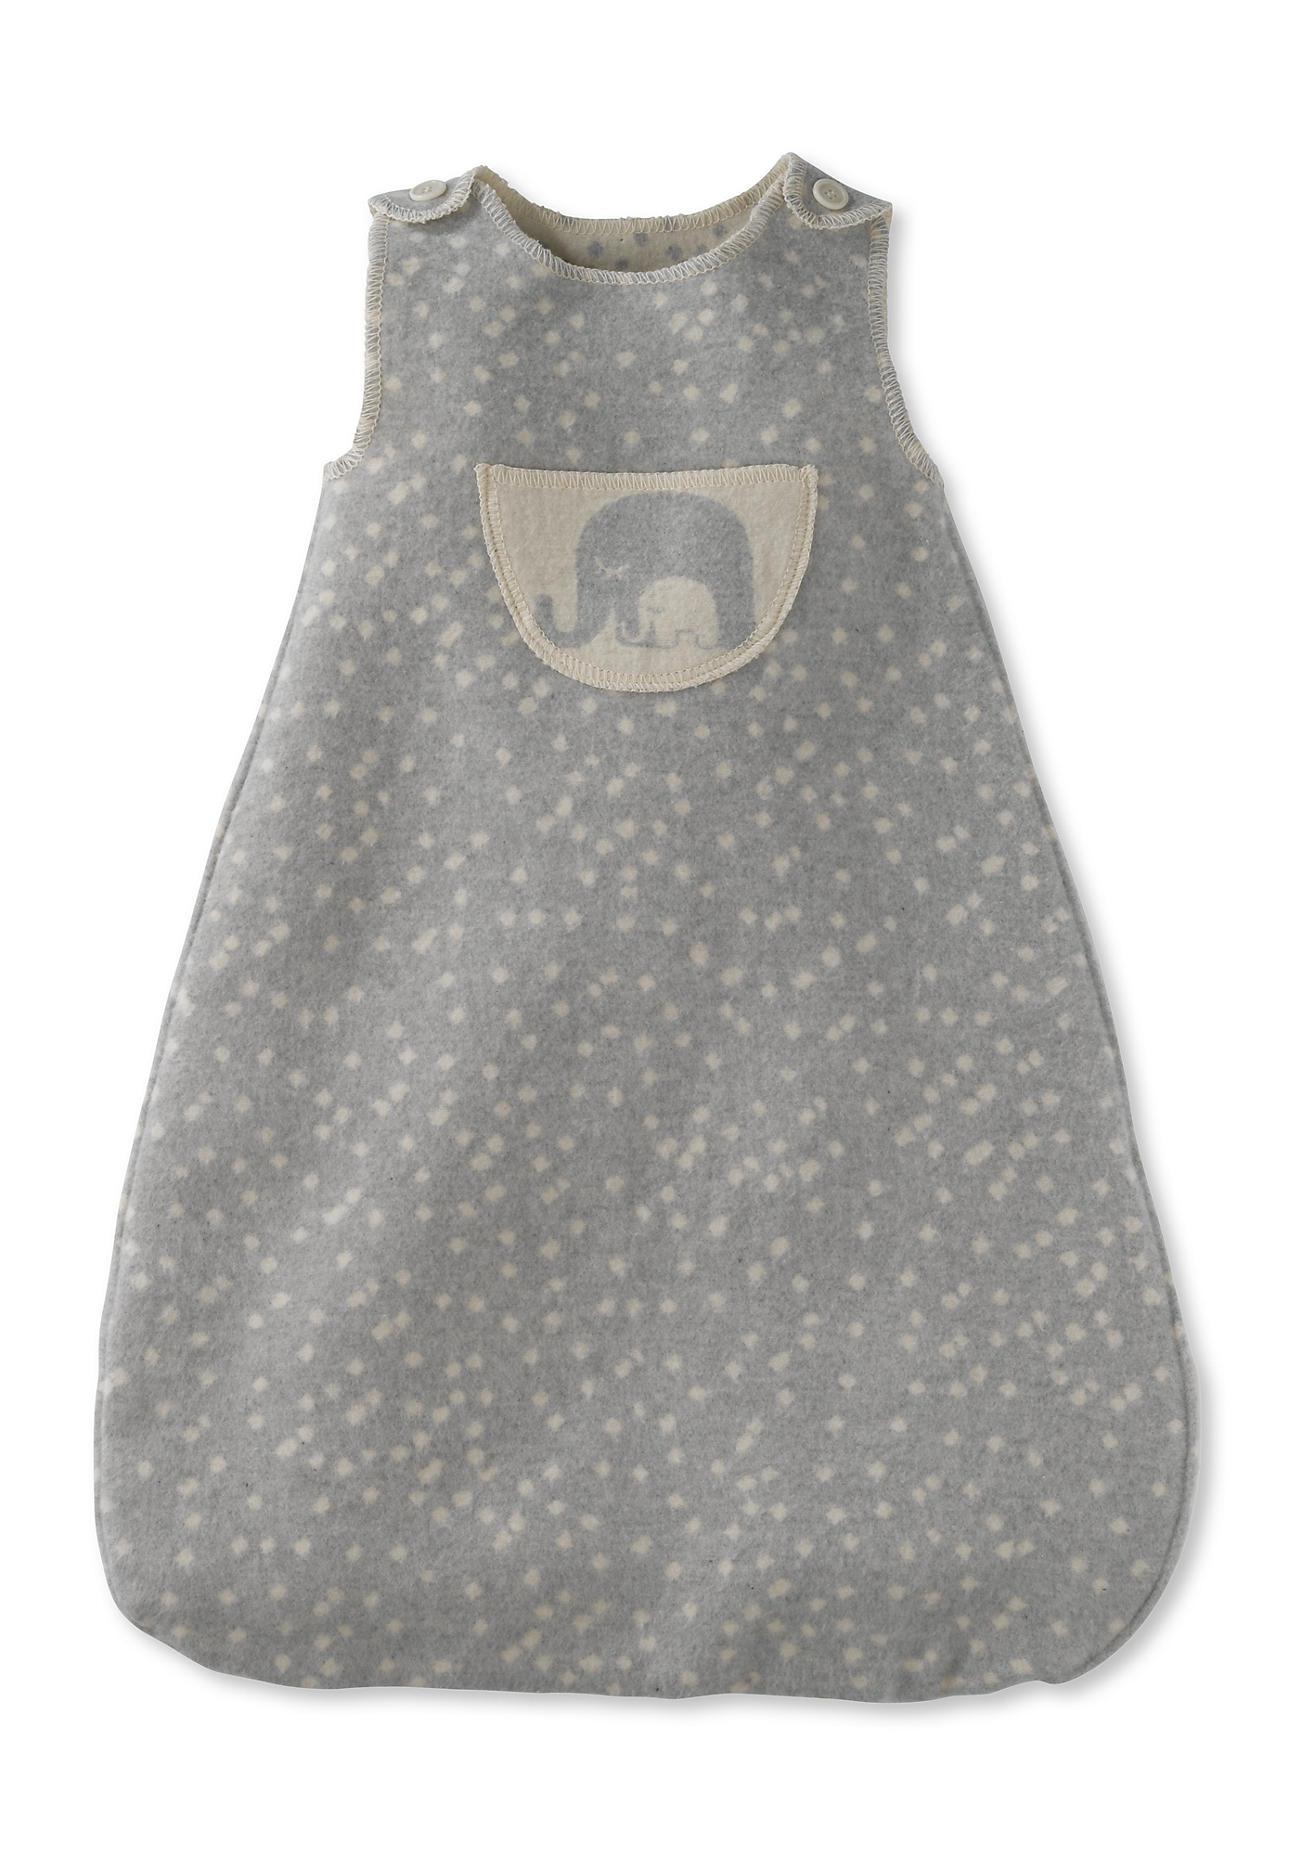 Baby schlafsack aus reiner bio baumwolle 40319 81 7